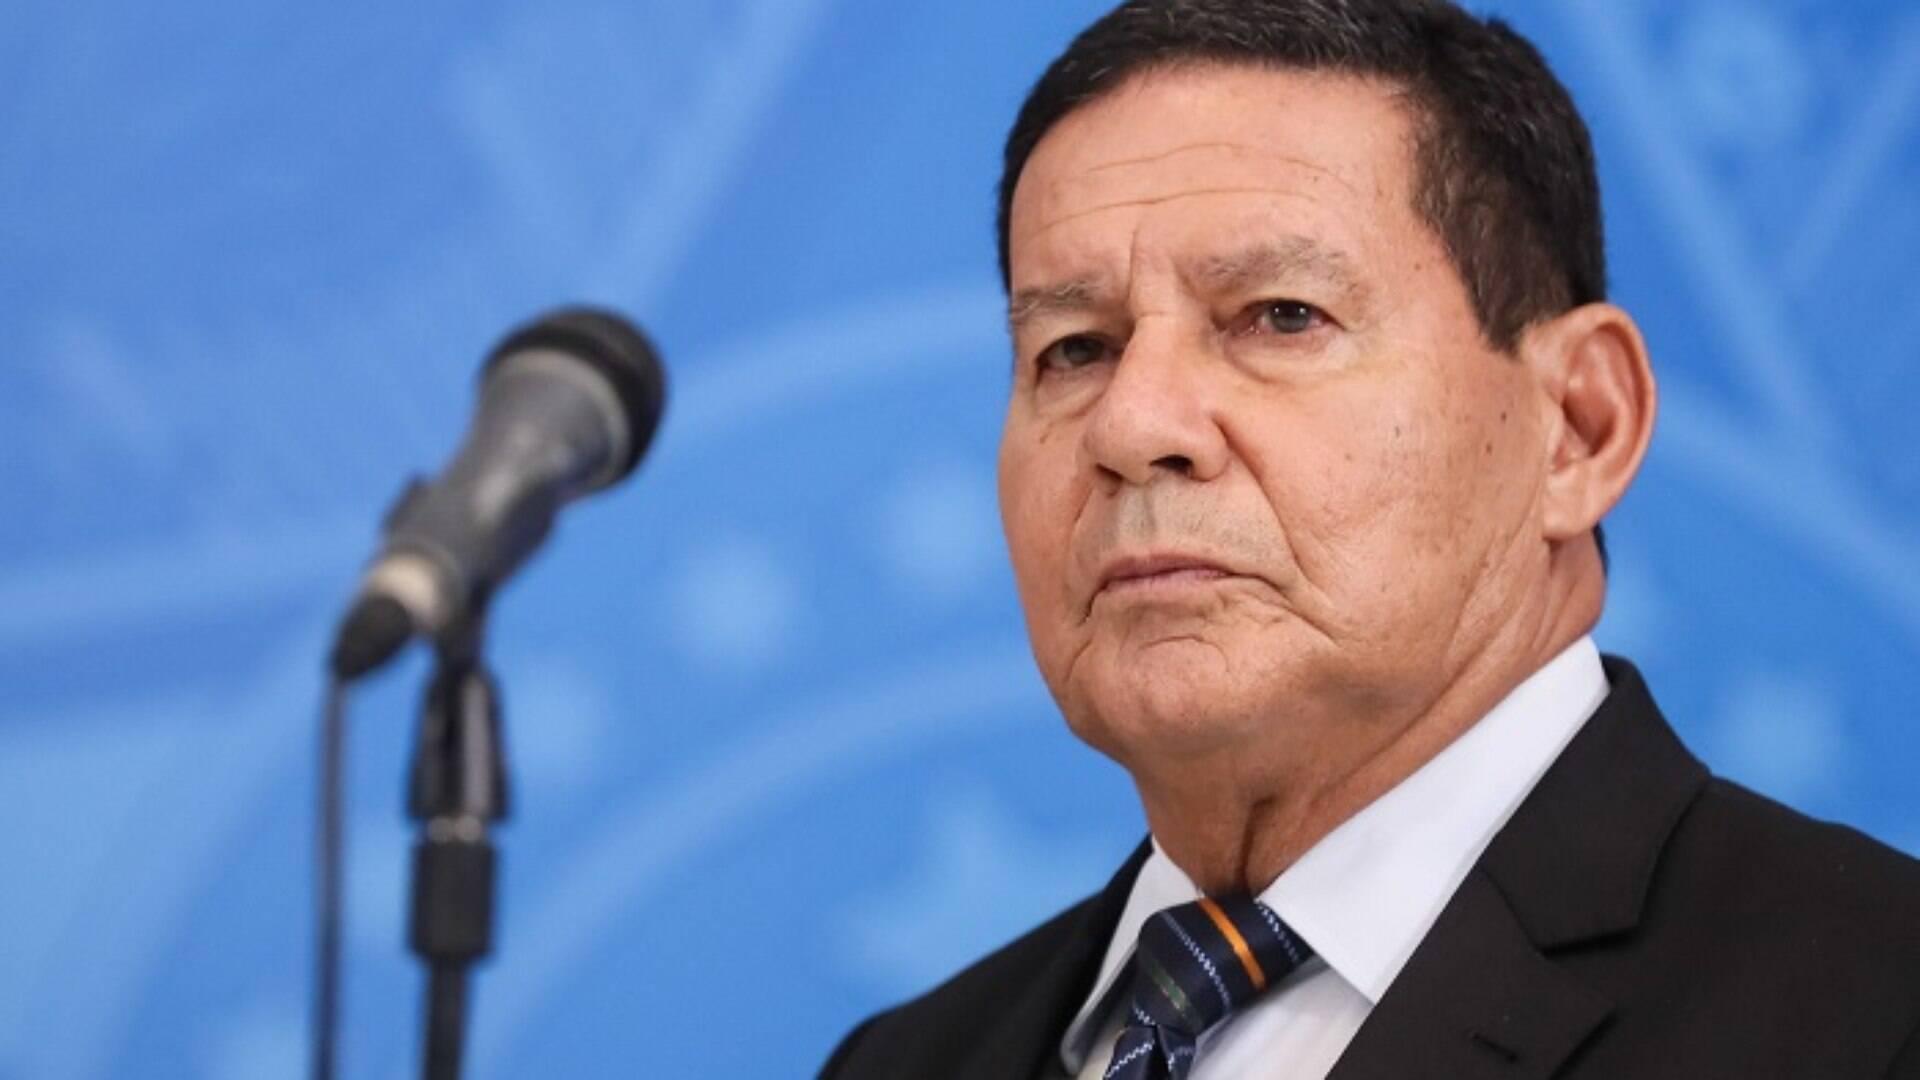 Judiciário vem sendo utilizado por partidos', diz Mourão ...